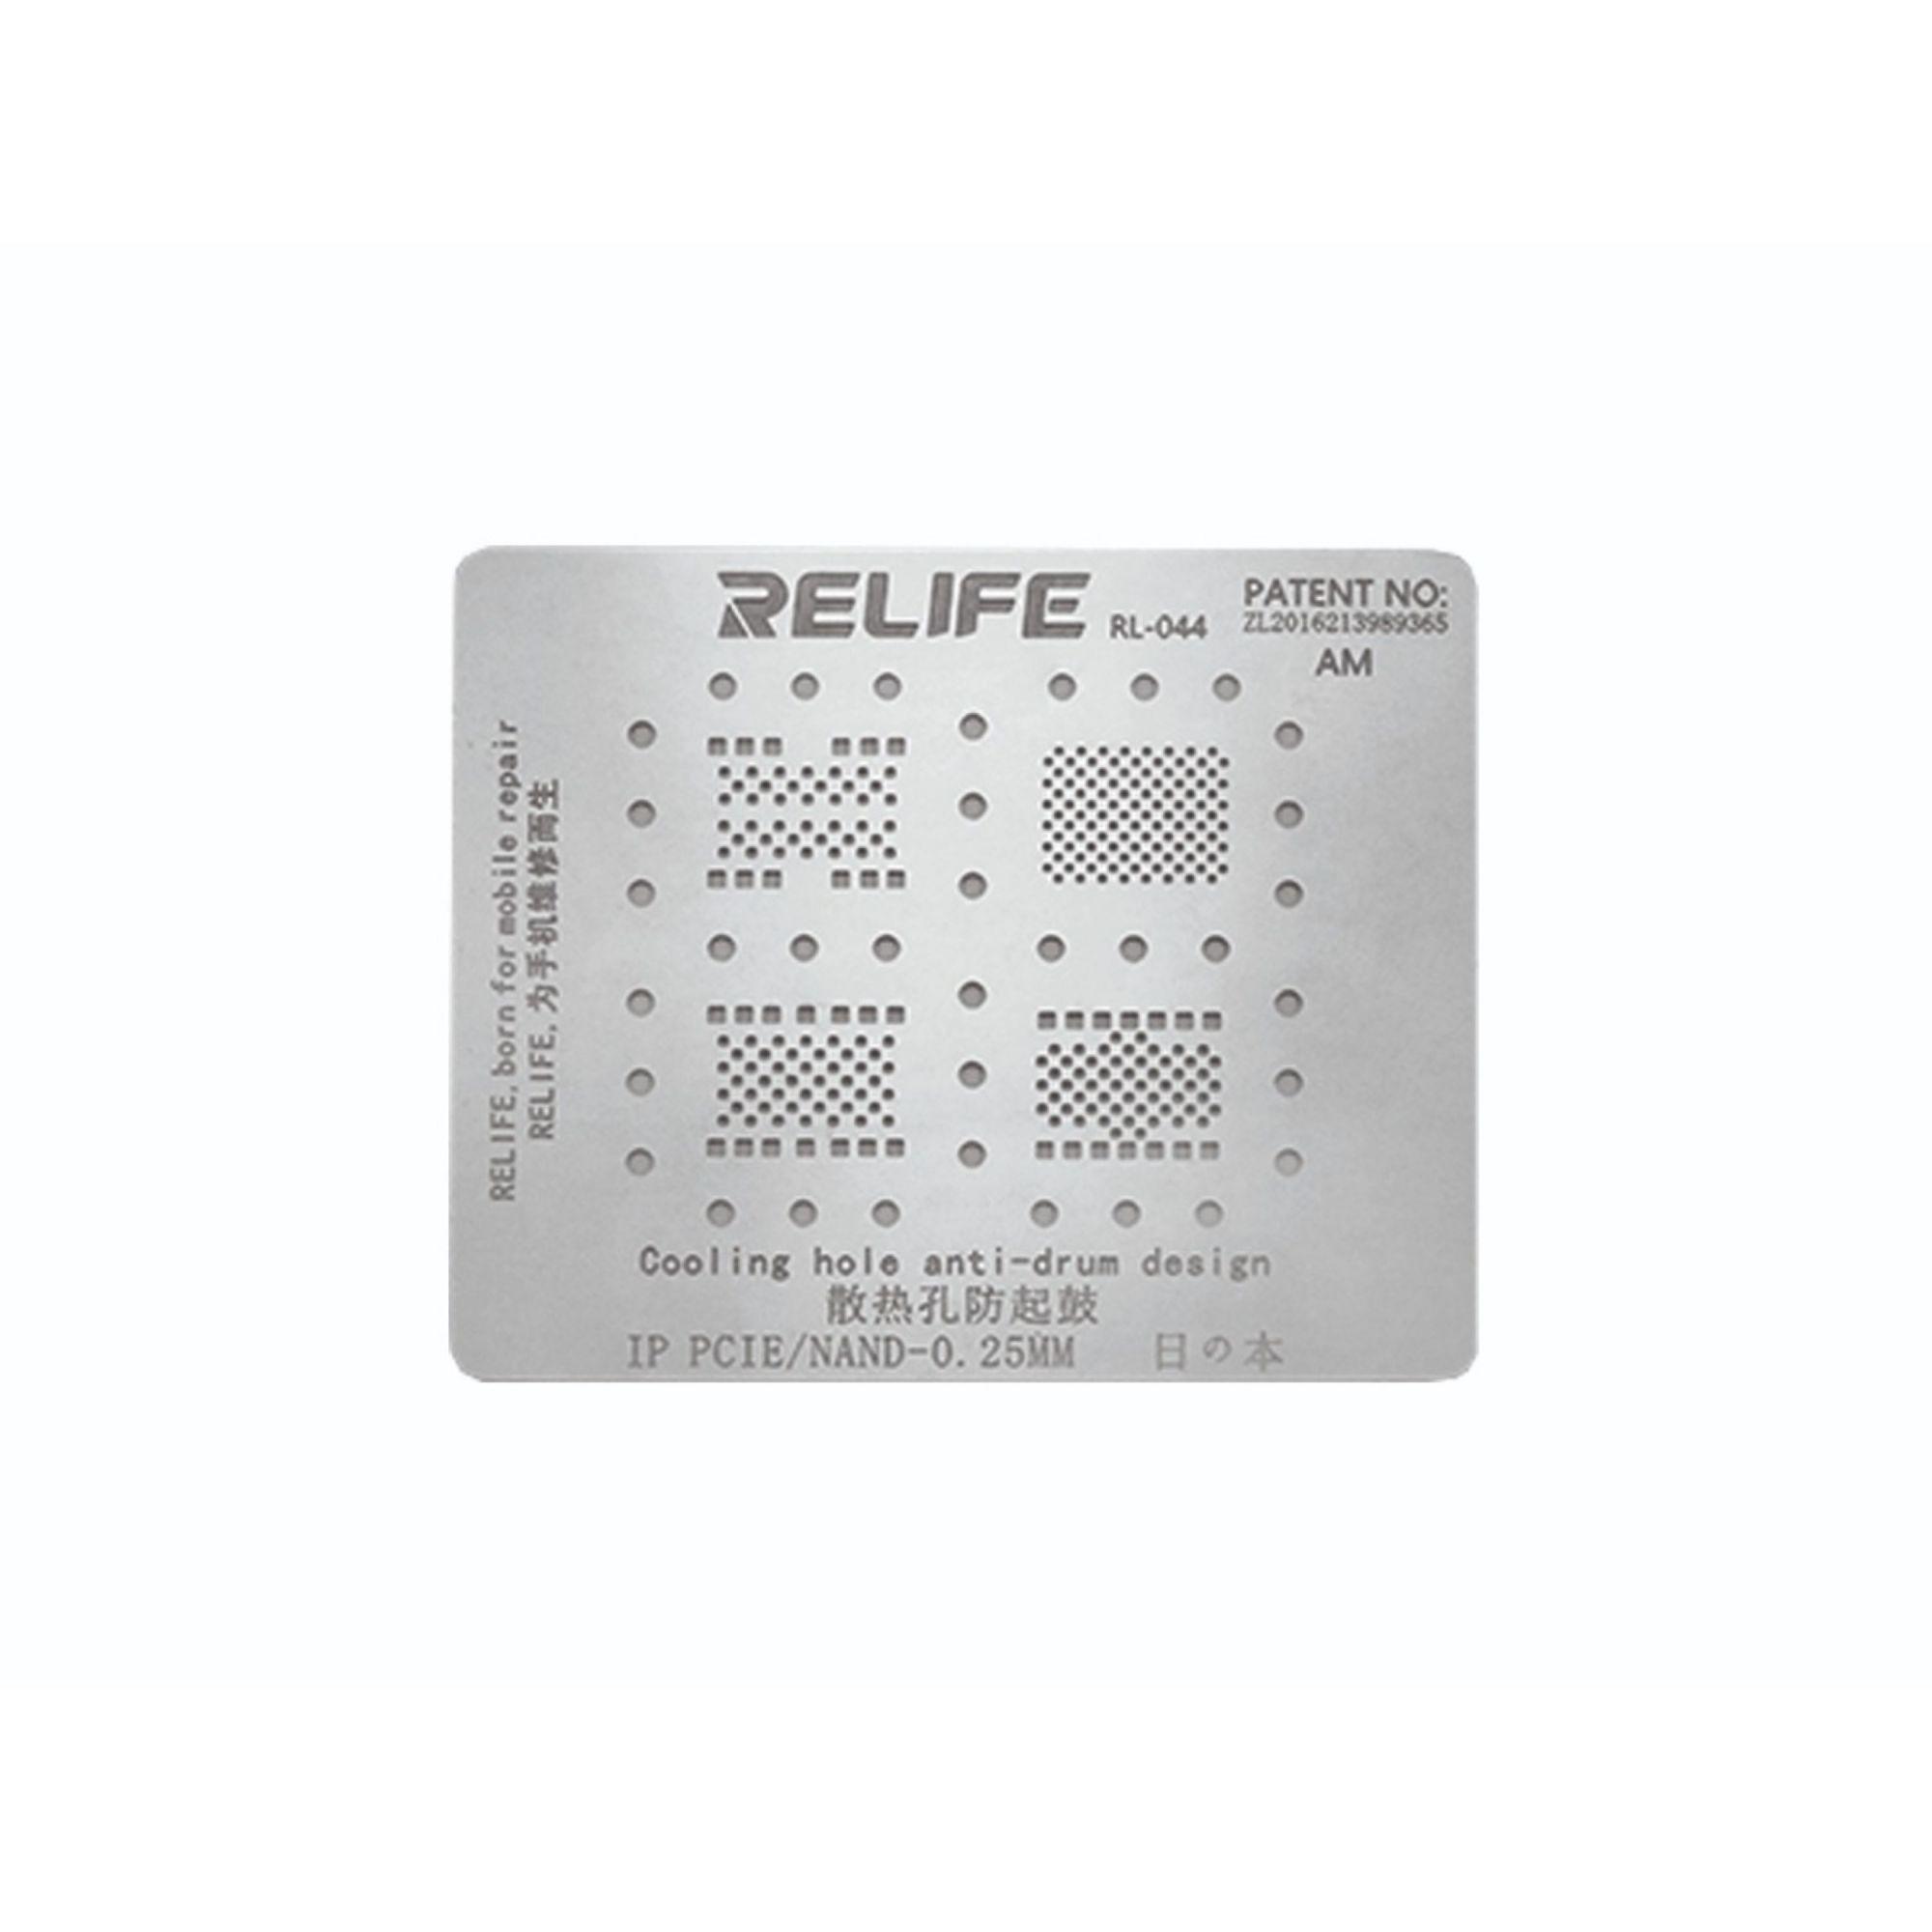 Relife RL-044 PRECISÃO BGA STENCIL para IP PCIE/ Nand, DISCO RÍGIDO ( Hard Disk )